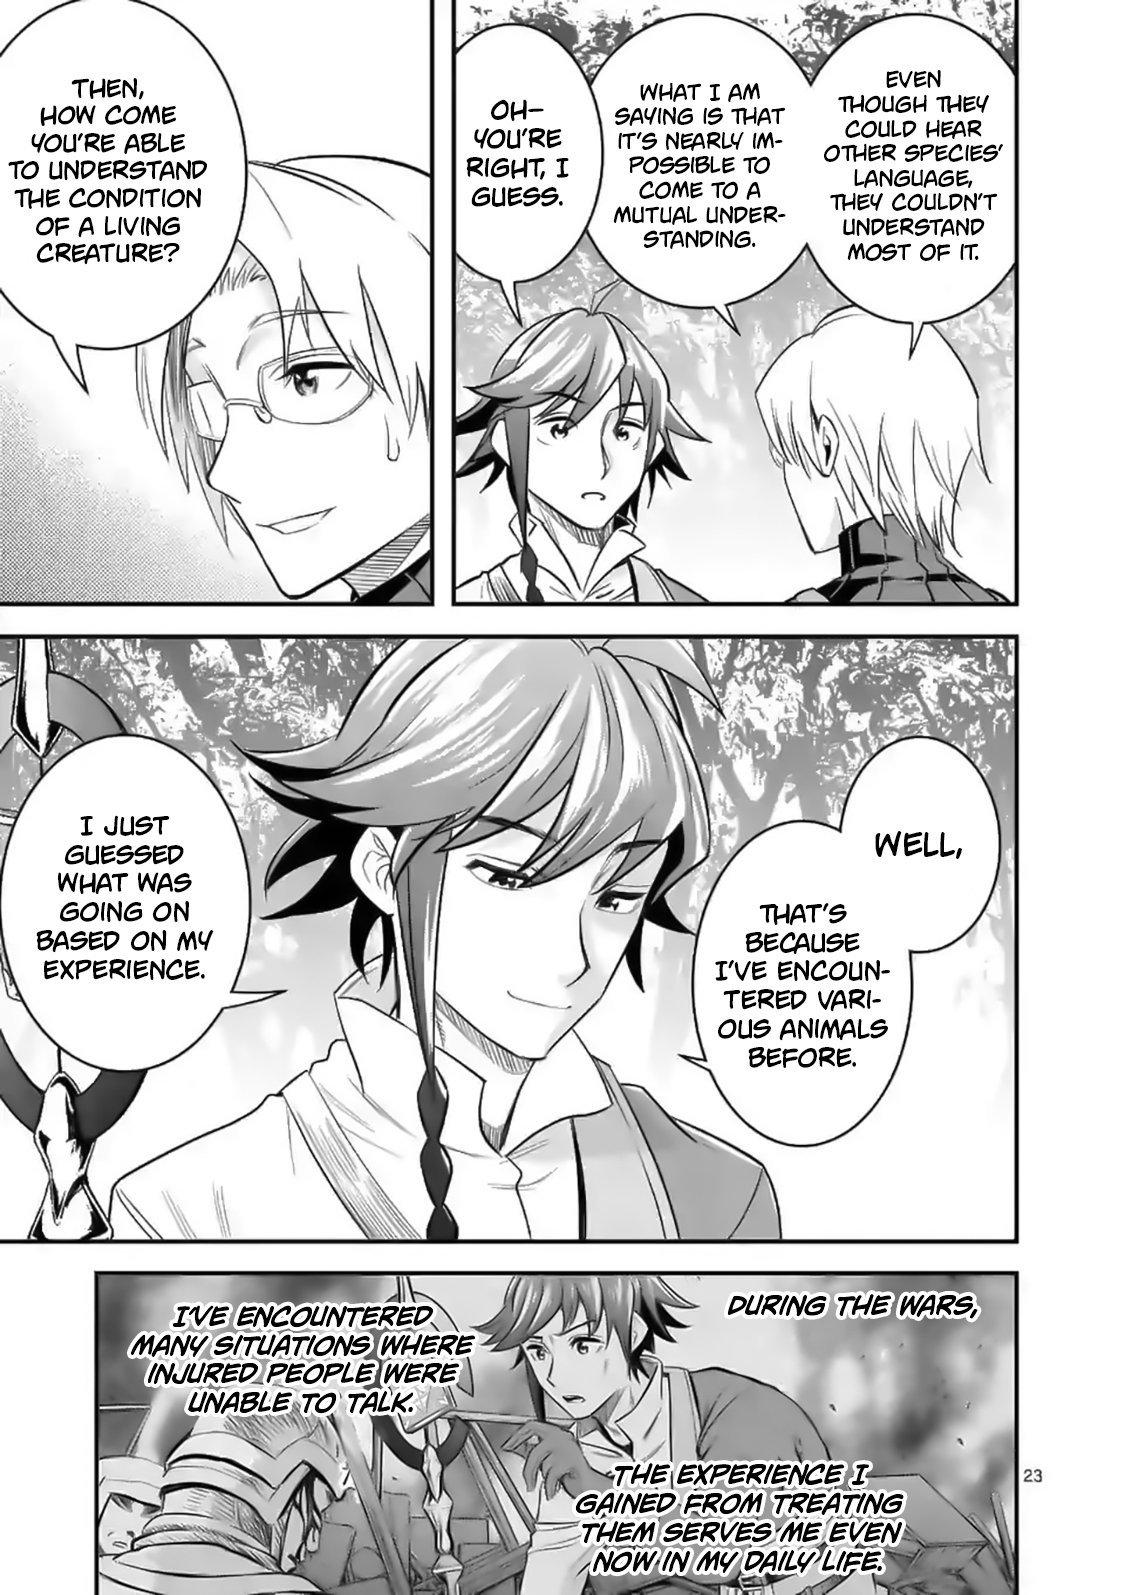 Manga 100-nin no Eiyuu o Sodateta Saikyou Yogensha wa, Boukensha ni Natte mo Sekaijuu no Deshi kara Shitawarete Masu - Chapter 19 Page 24